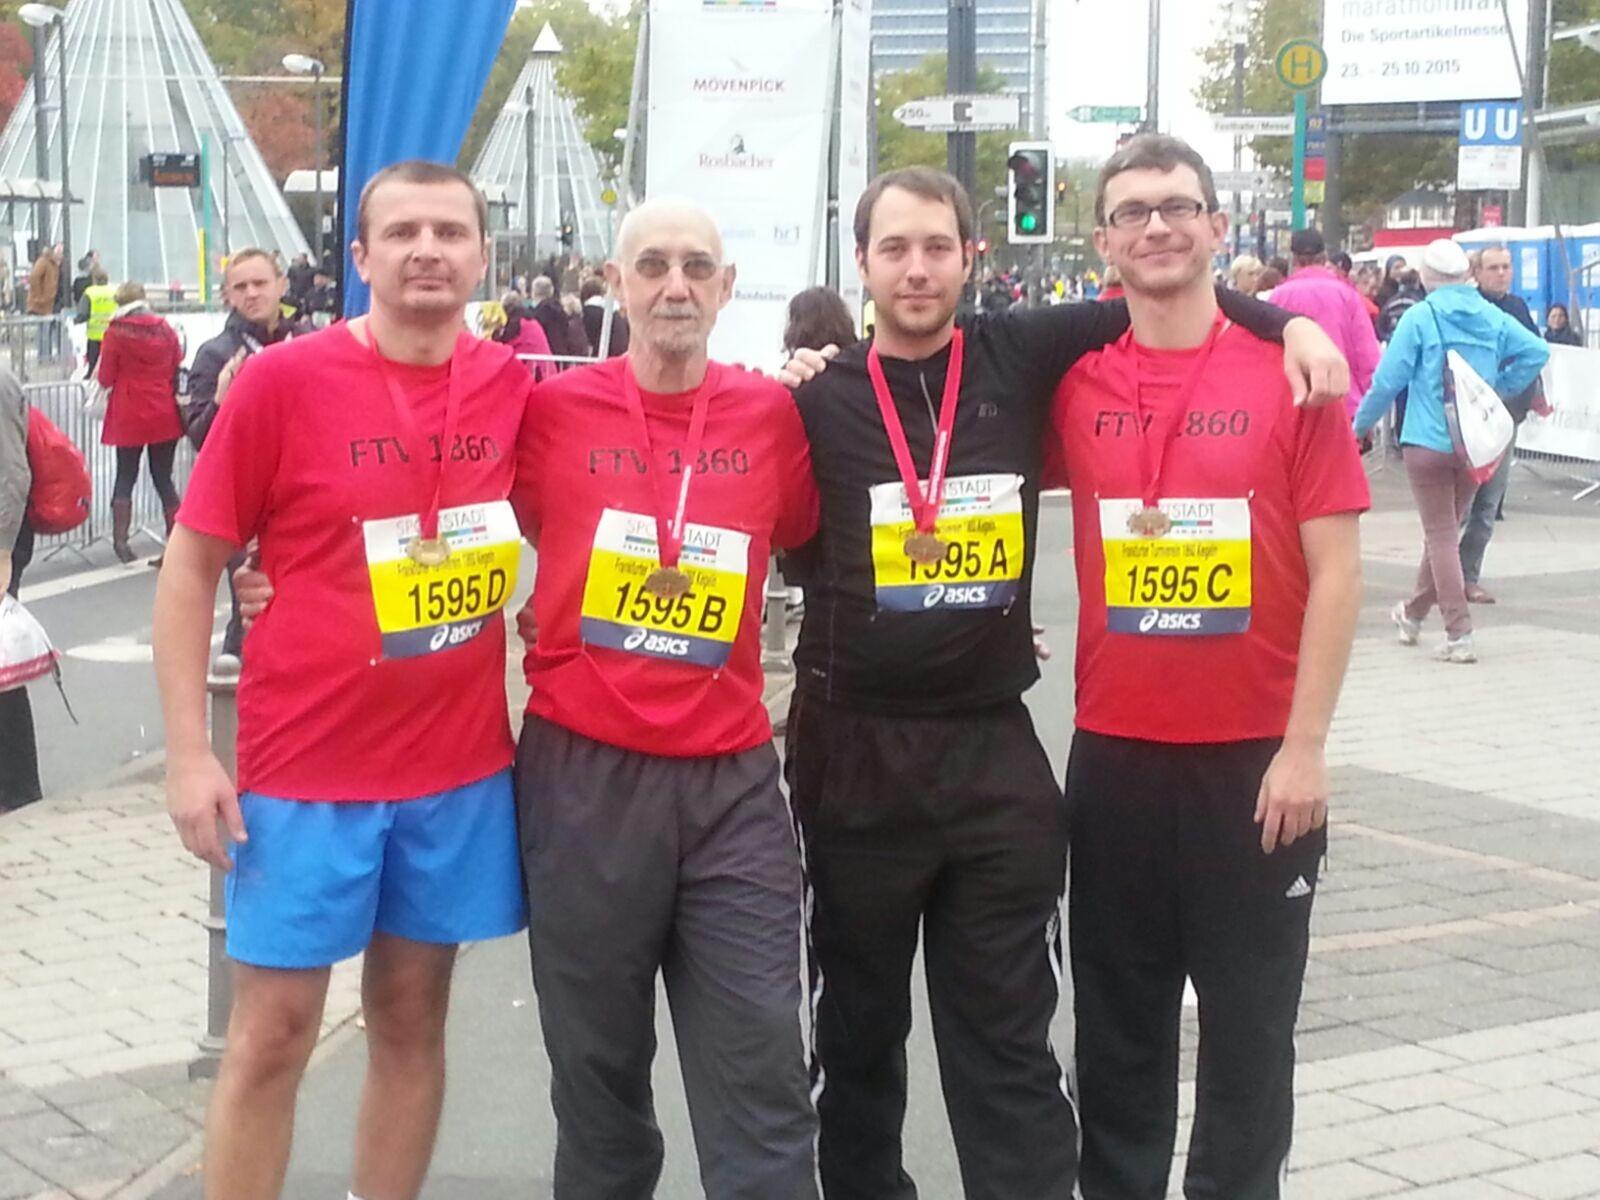 Marathonstaffel der Kegler 2015